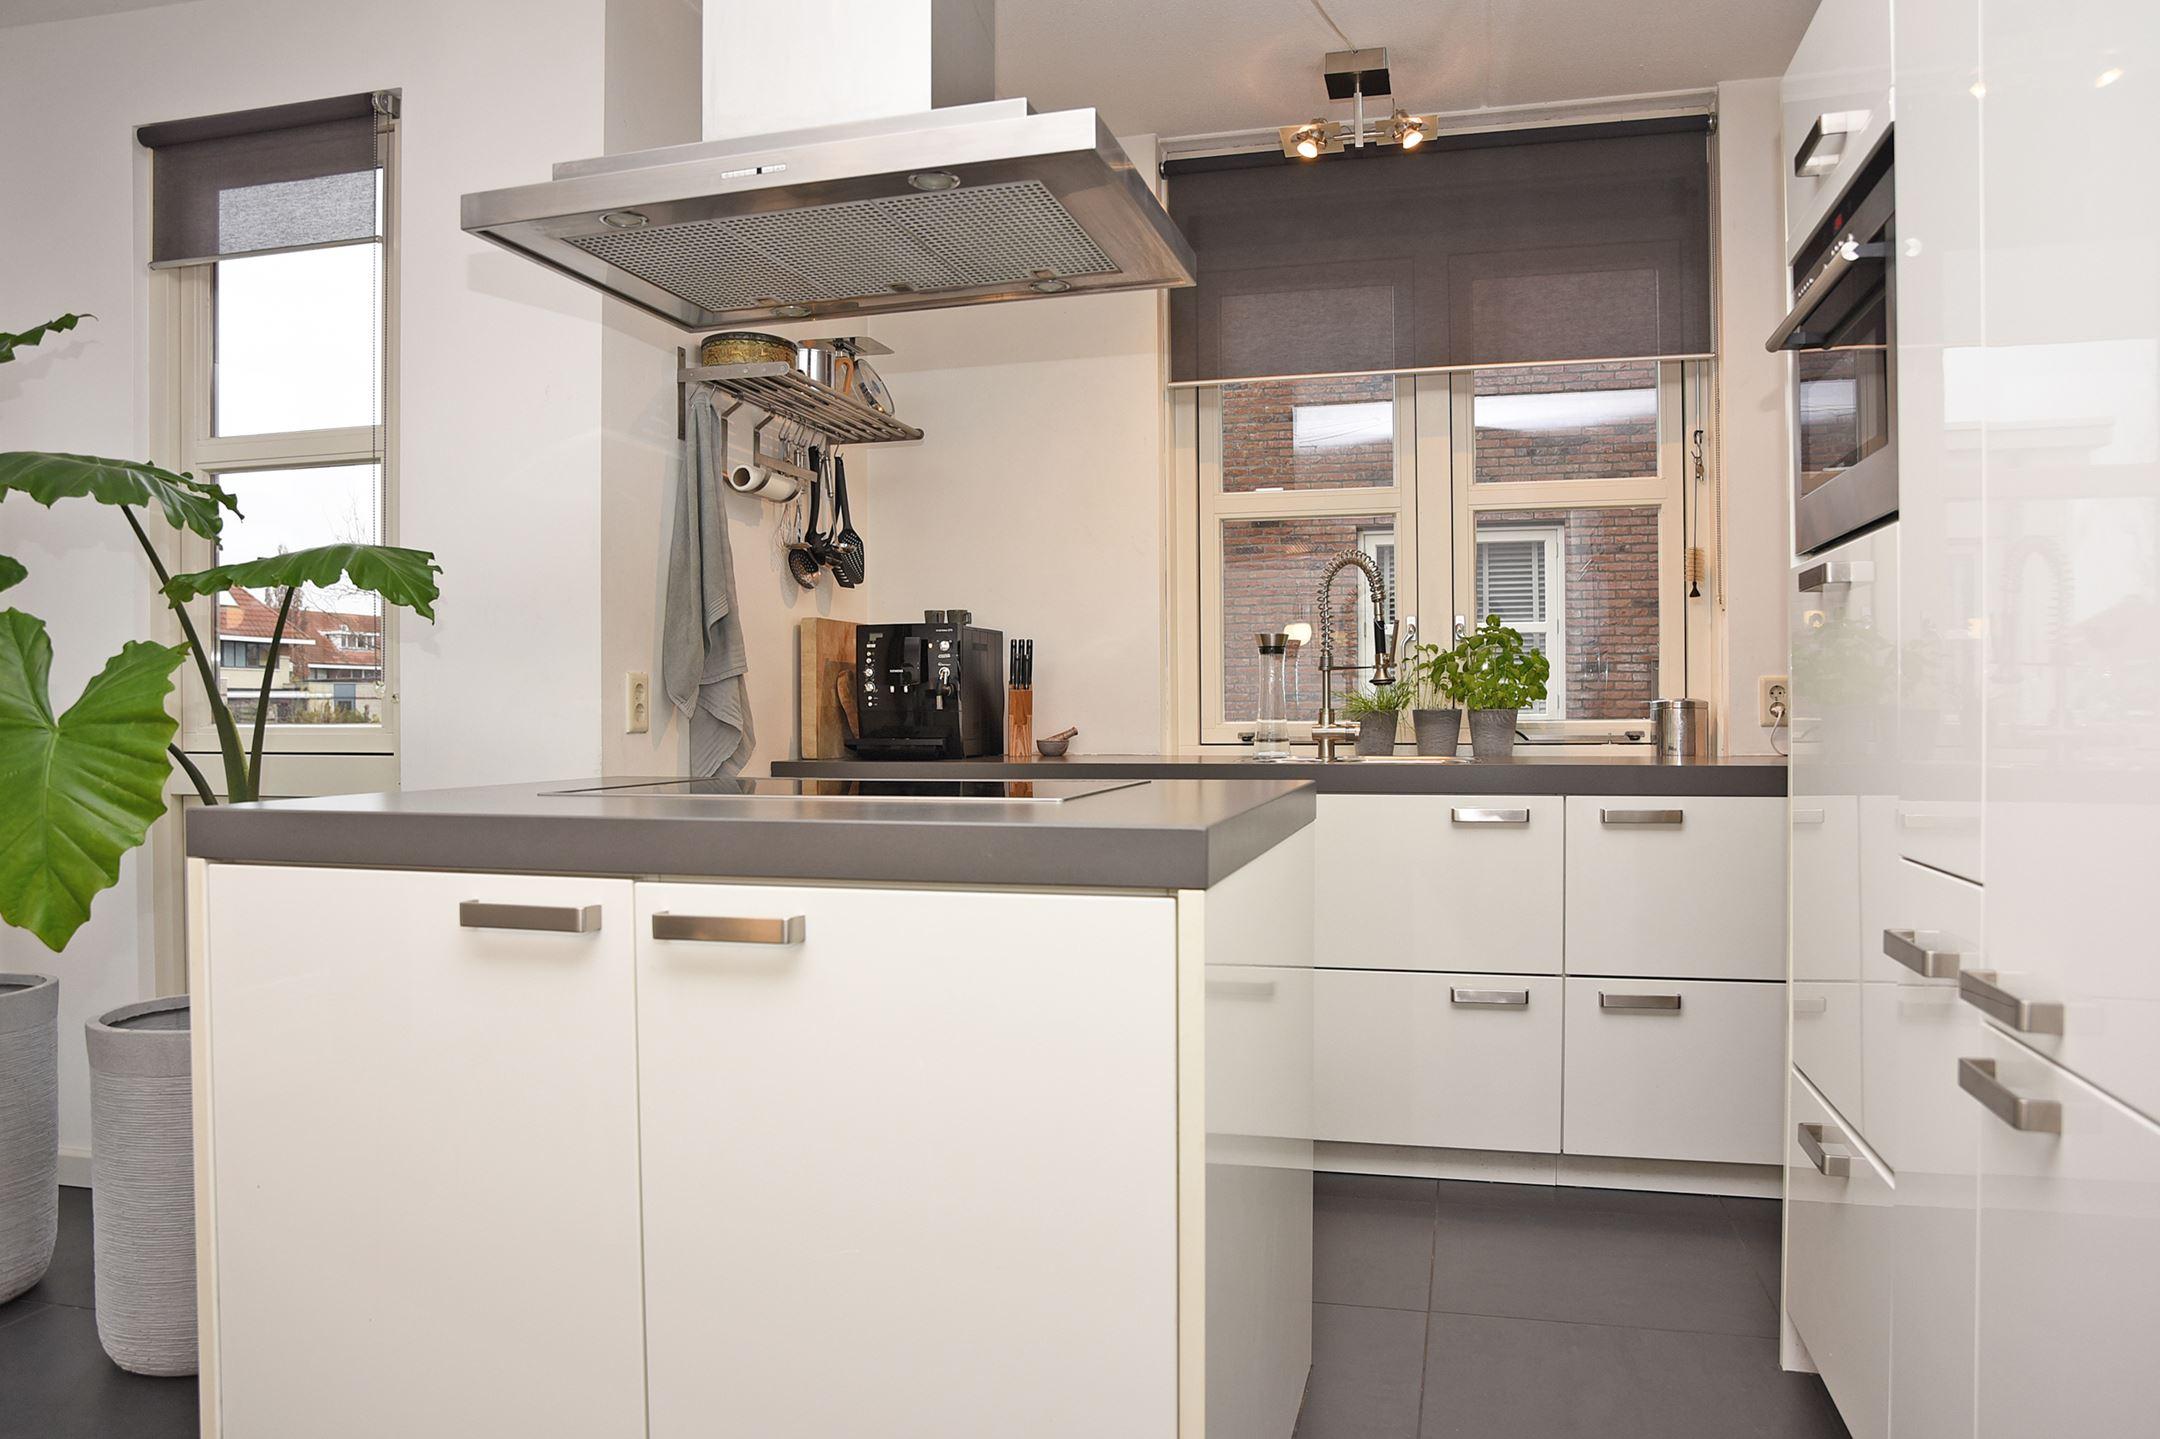 Huis te koop pijlpuntstraat 102 6515 dk nijmegen funda for Woning te koop nijmegen